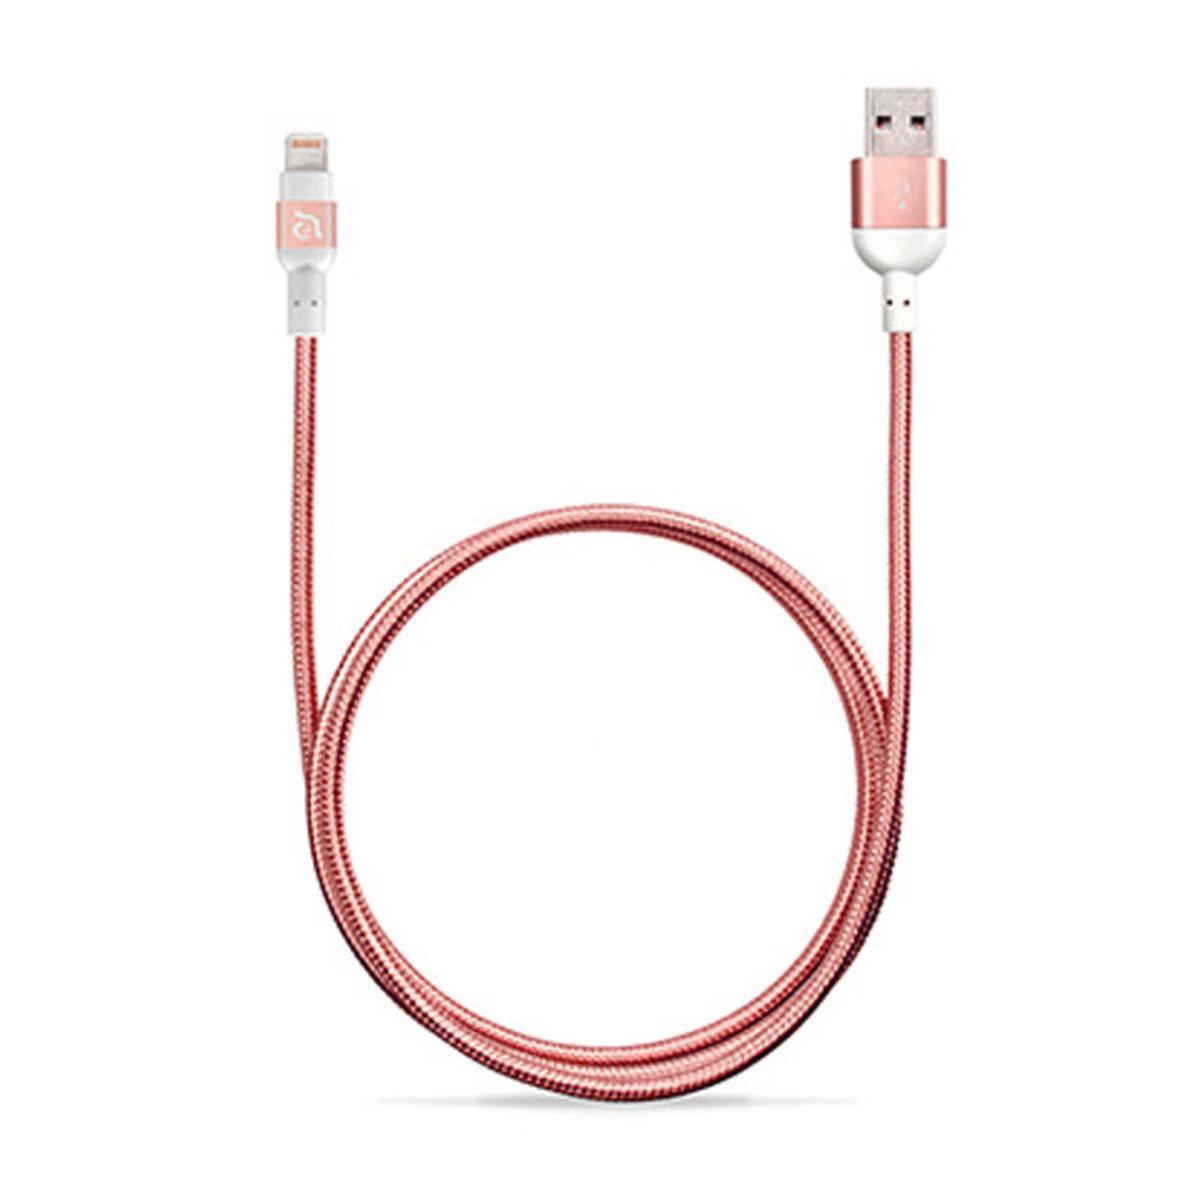 1.2米 Lightning 正反雙面USB同步充電線 玫瑰金